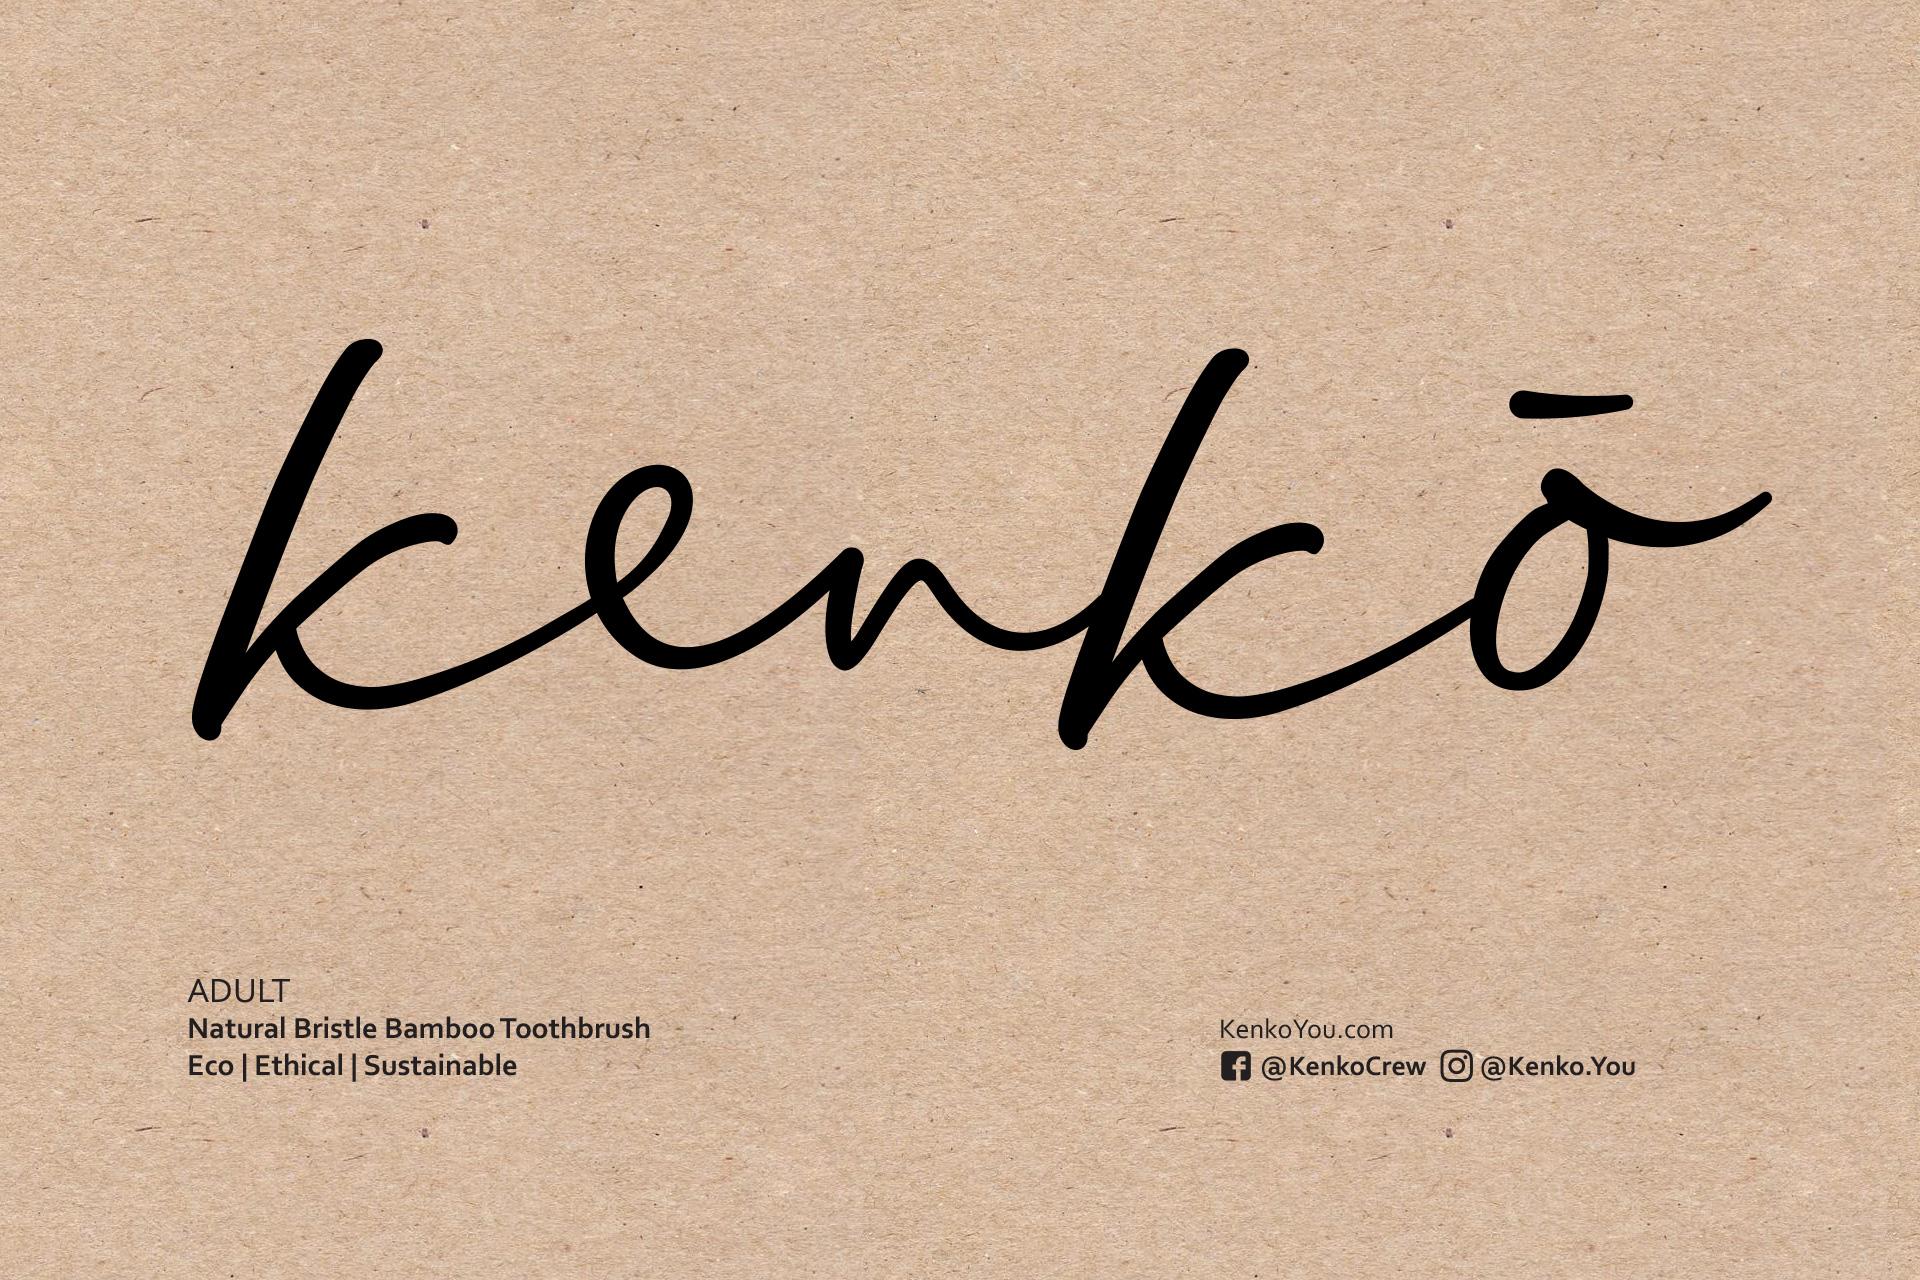 kenko-a